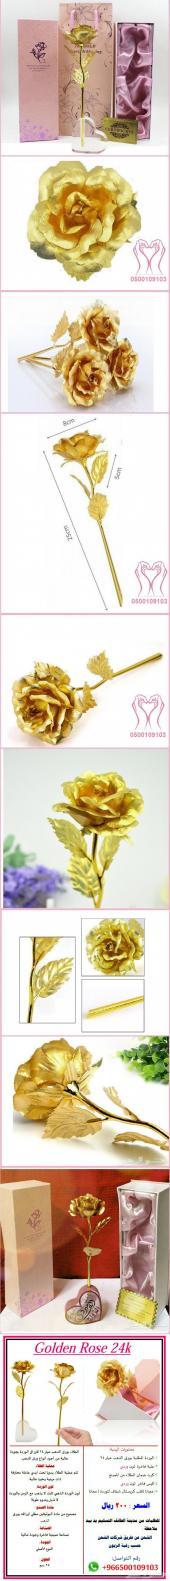 اجمل واروع هديه الورده المطليه بالذهب